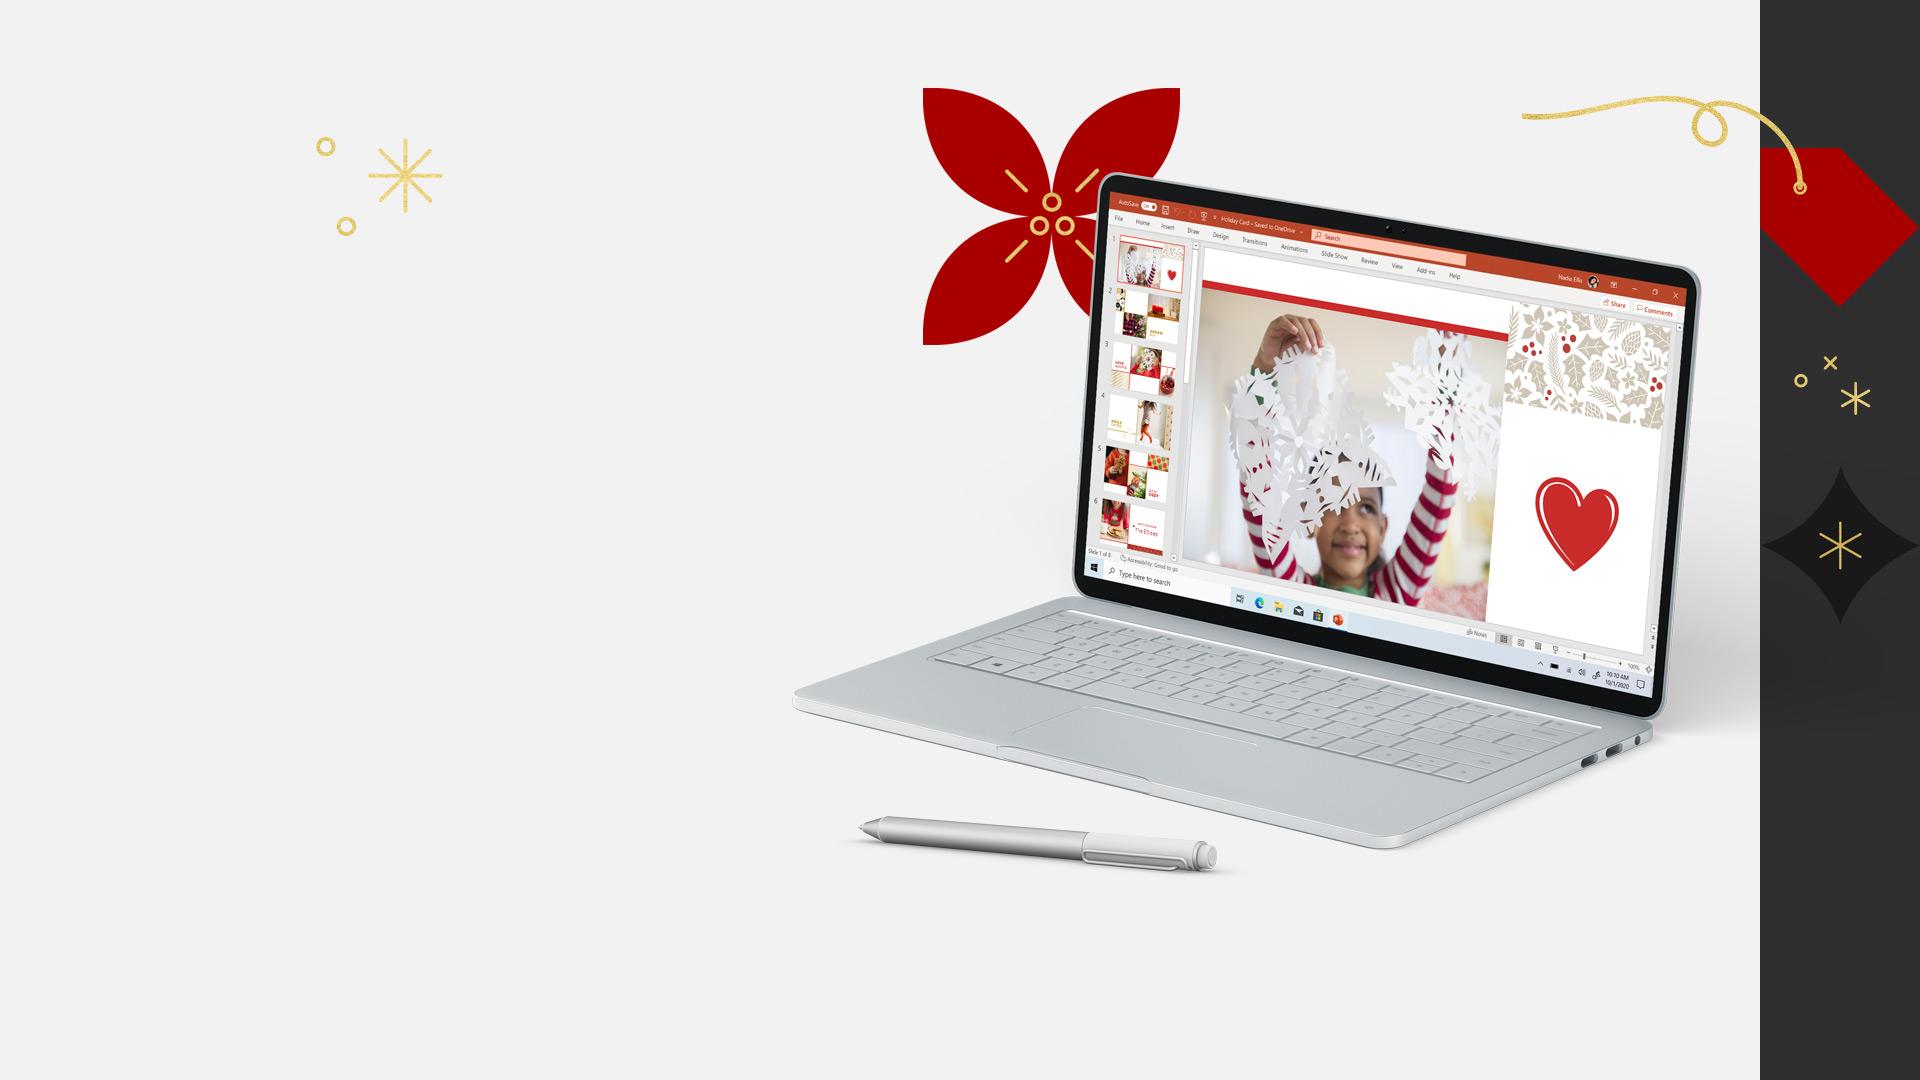 Un portatile Windows 10 aperto sul quale è visualizzato un documento PowerPoint e una penna digitale davanti al PC